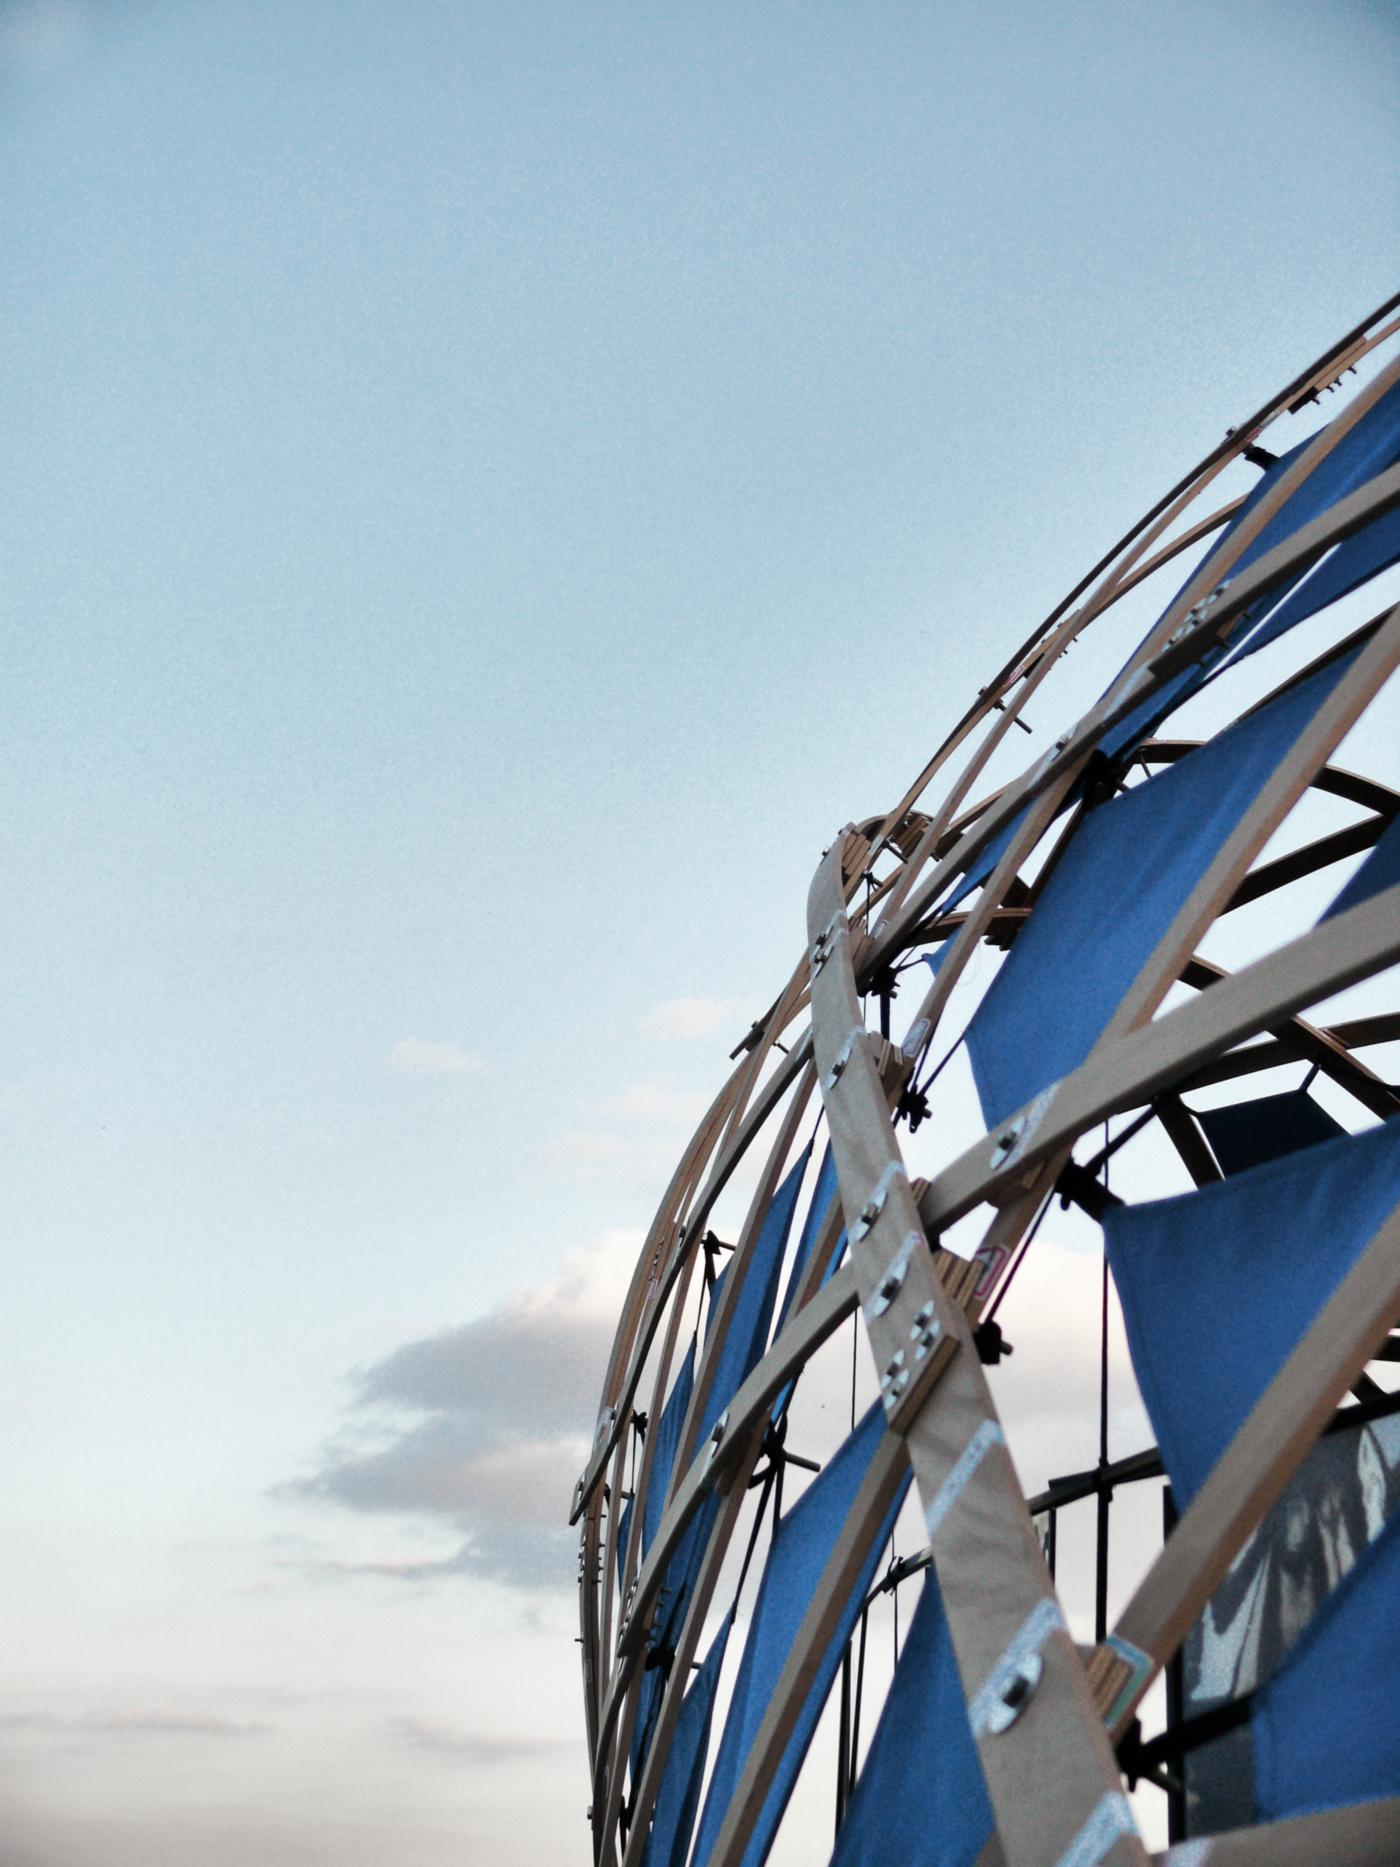 Un padiglione temporaneo sperimentale, con una struttura a gridhsell ibrido che realizza una forma sinuosa, suadente. La struttura e il cielo | Bottega di Architettura